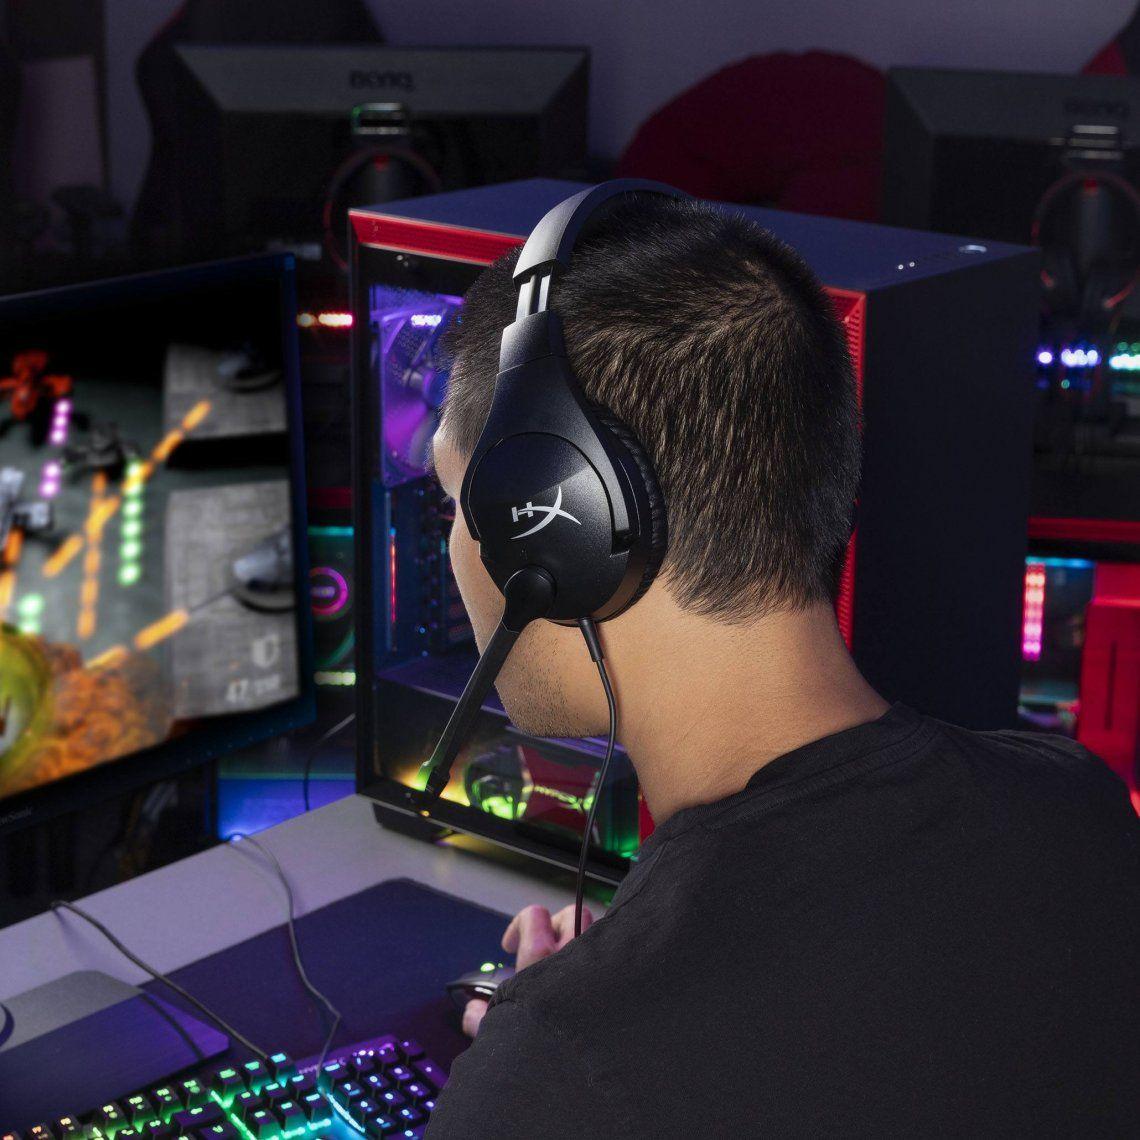 Ergonomía: vital para la salud de los gamers